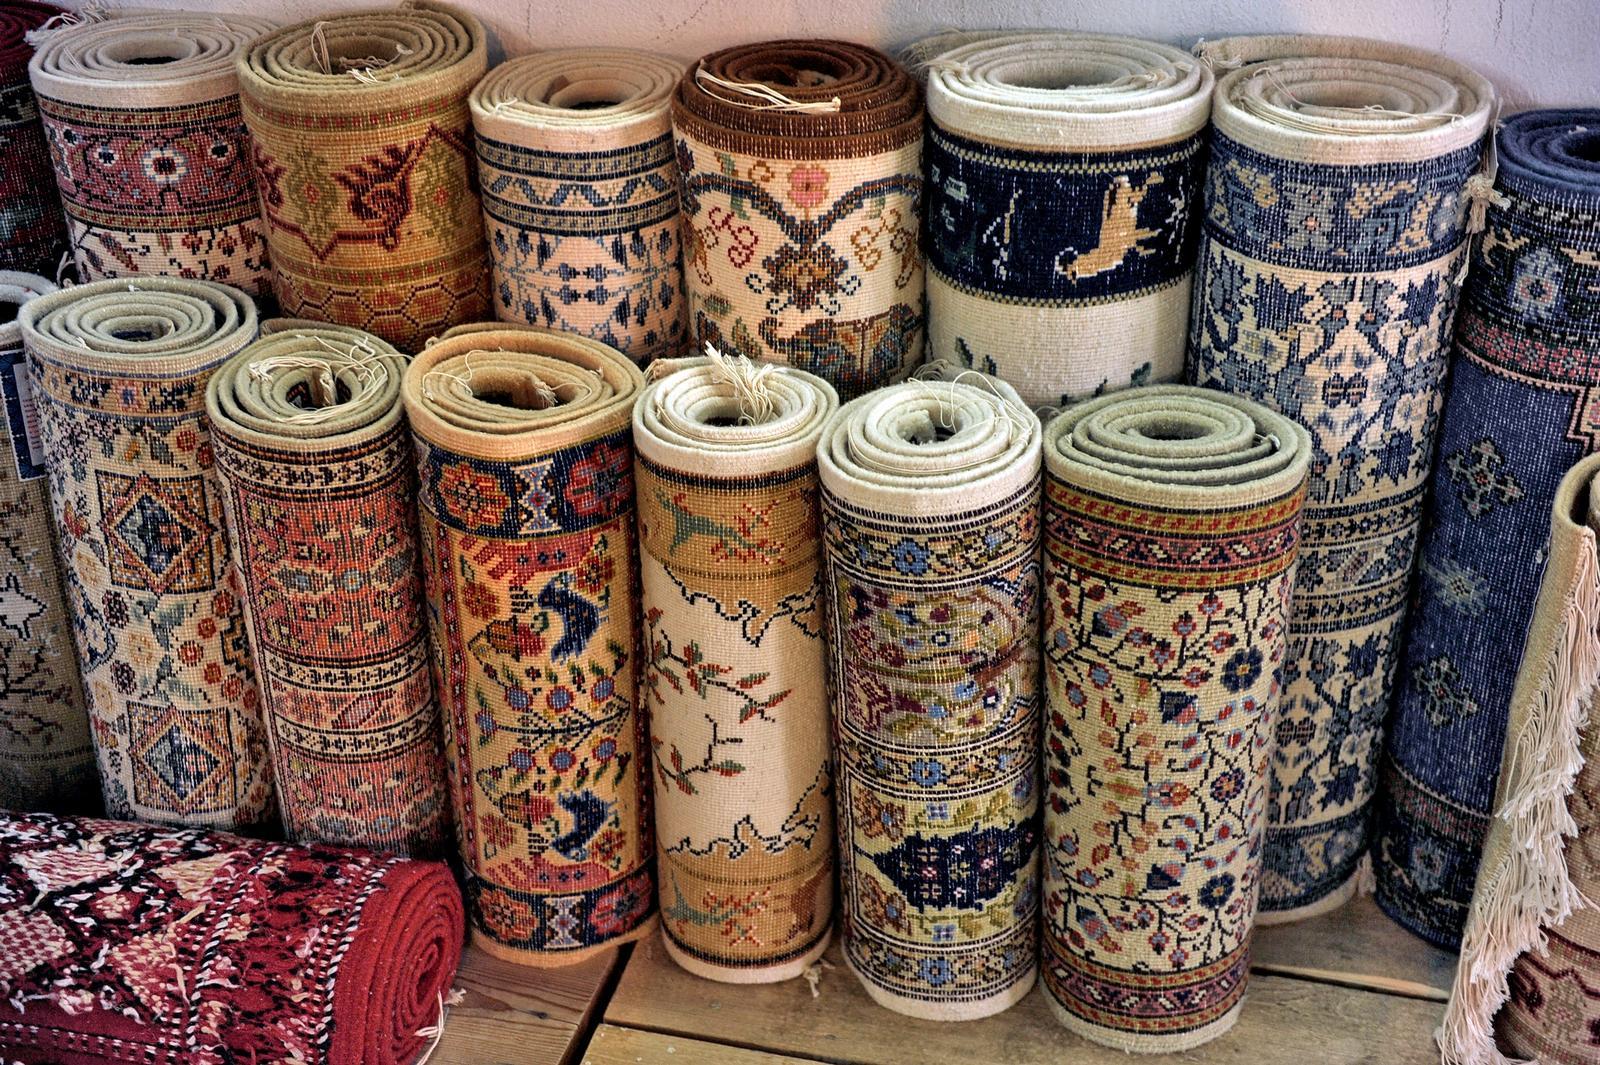 Kairouan carpets